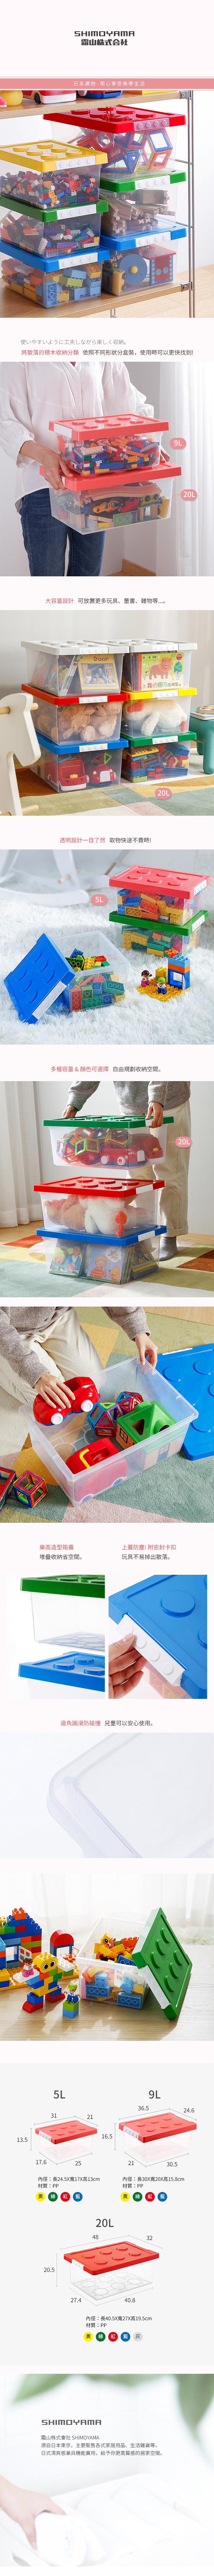 霜山 樂高可疊式積木玩具收納盒-3入-4色選